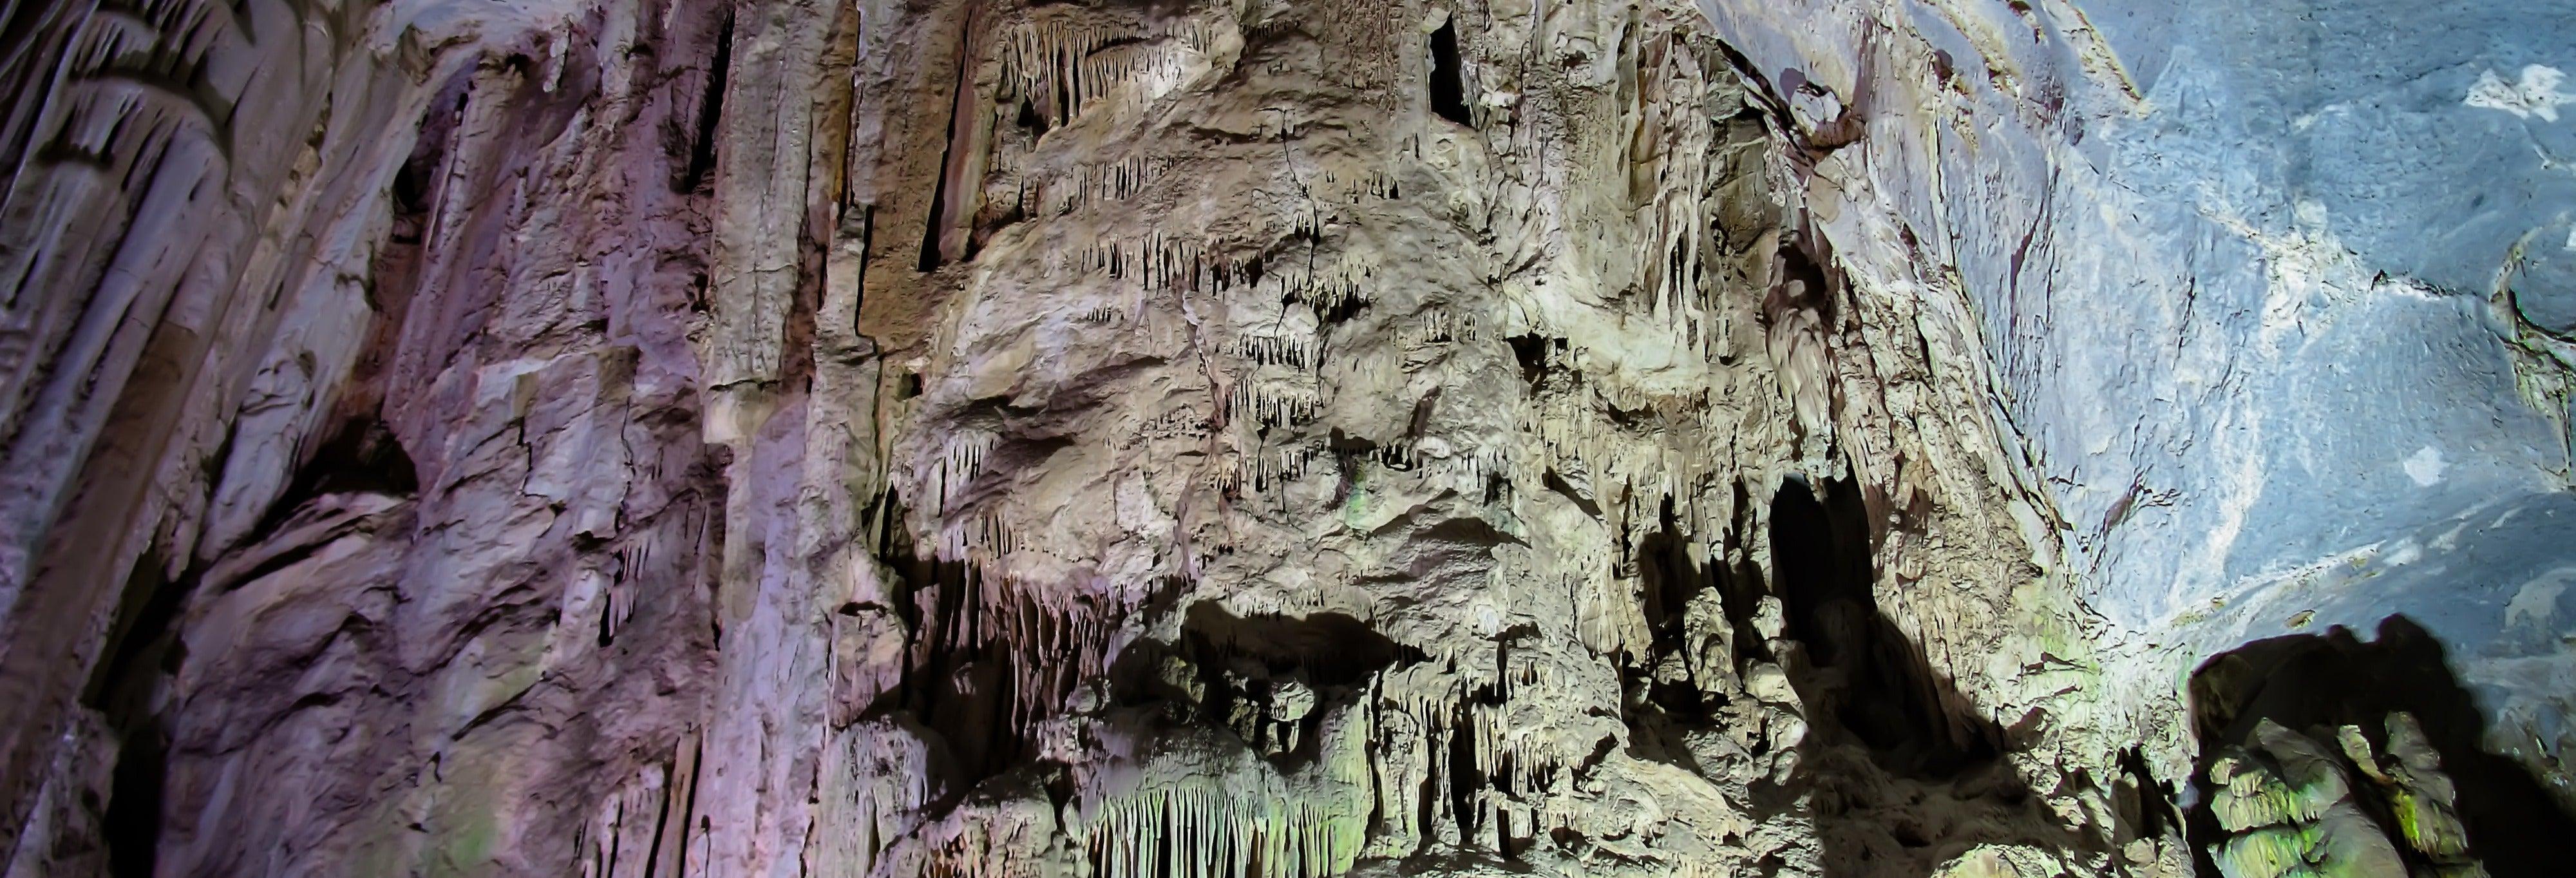 Excursion aux Grottes de Garcia